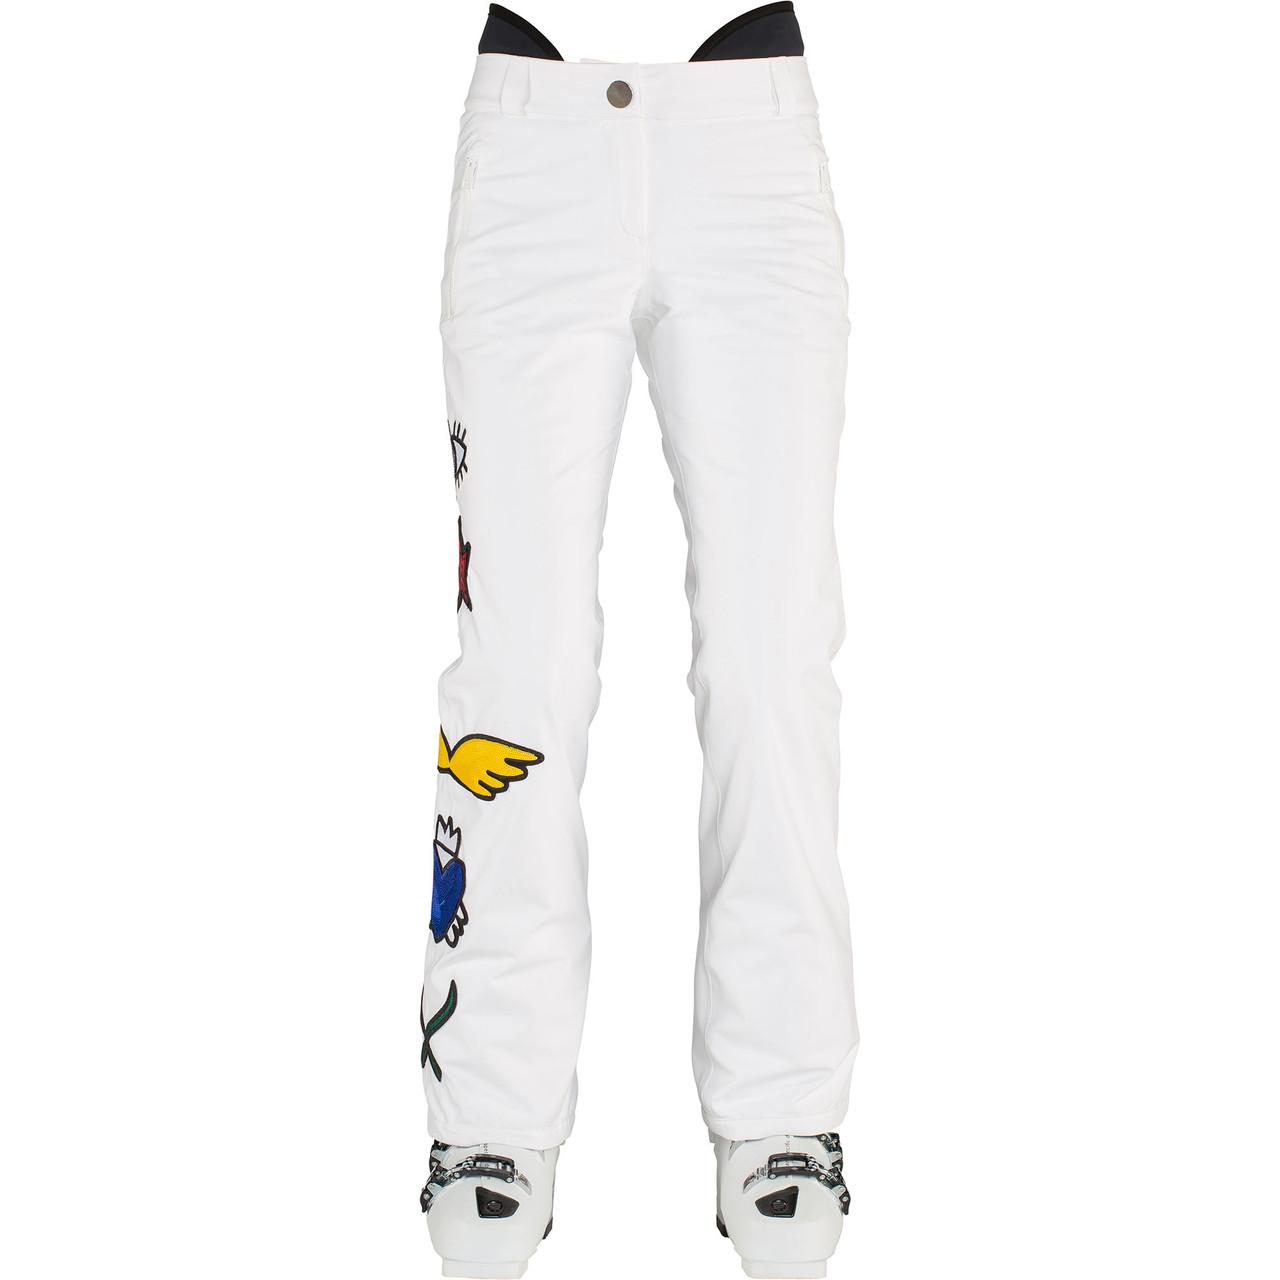 Горнолыжные штаны Rossignol CastelBajac W SIGNAK PANT